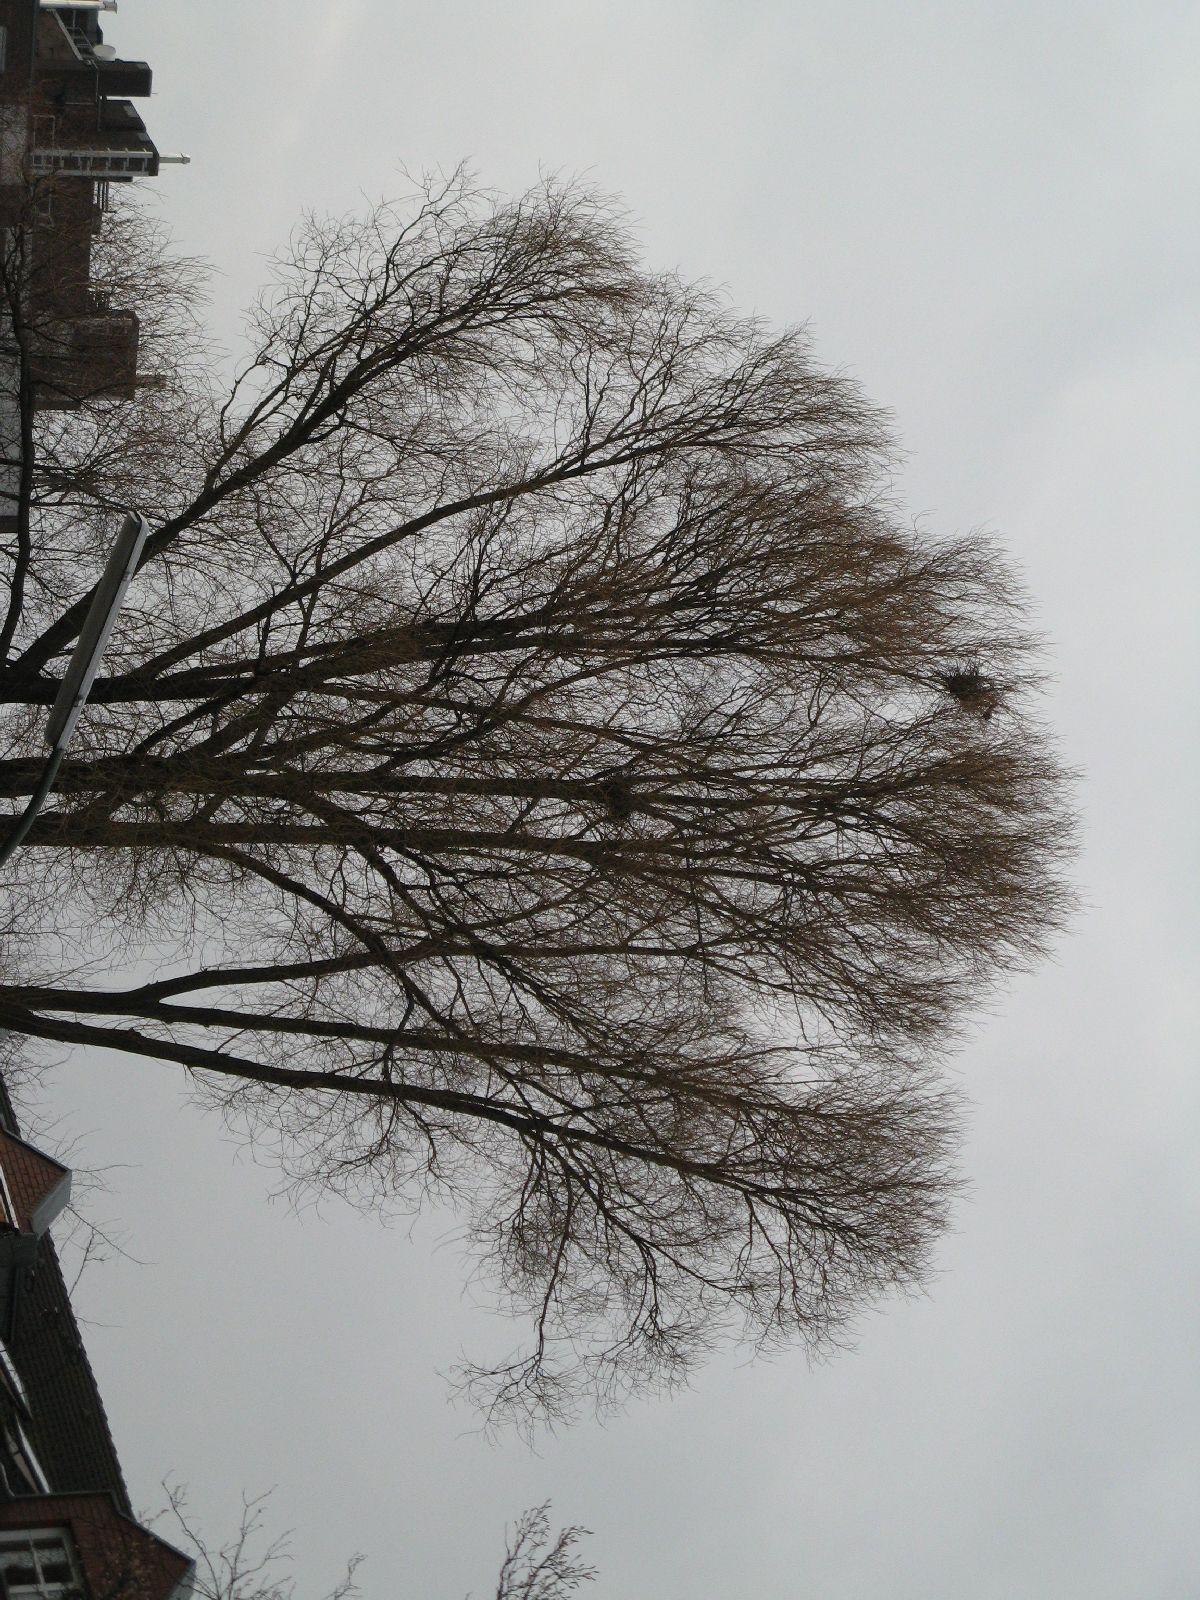 Pflanzen-Baum-Silhouette-Foto_Textur_B_43030